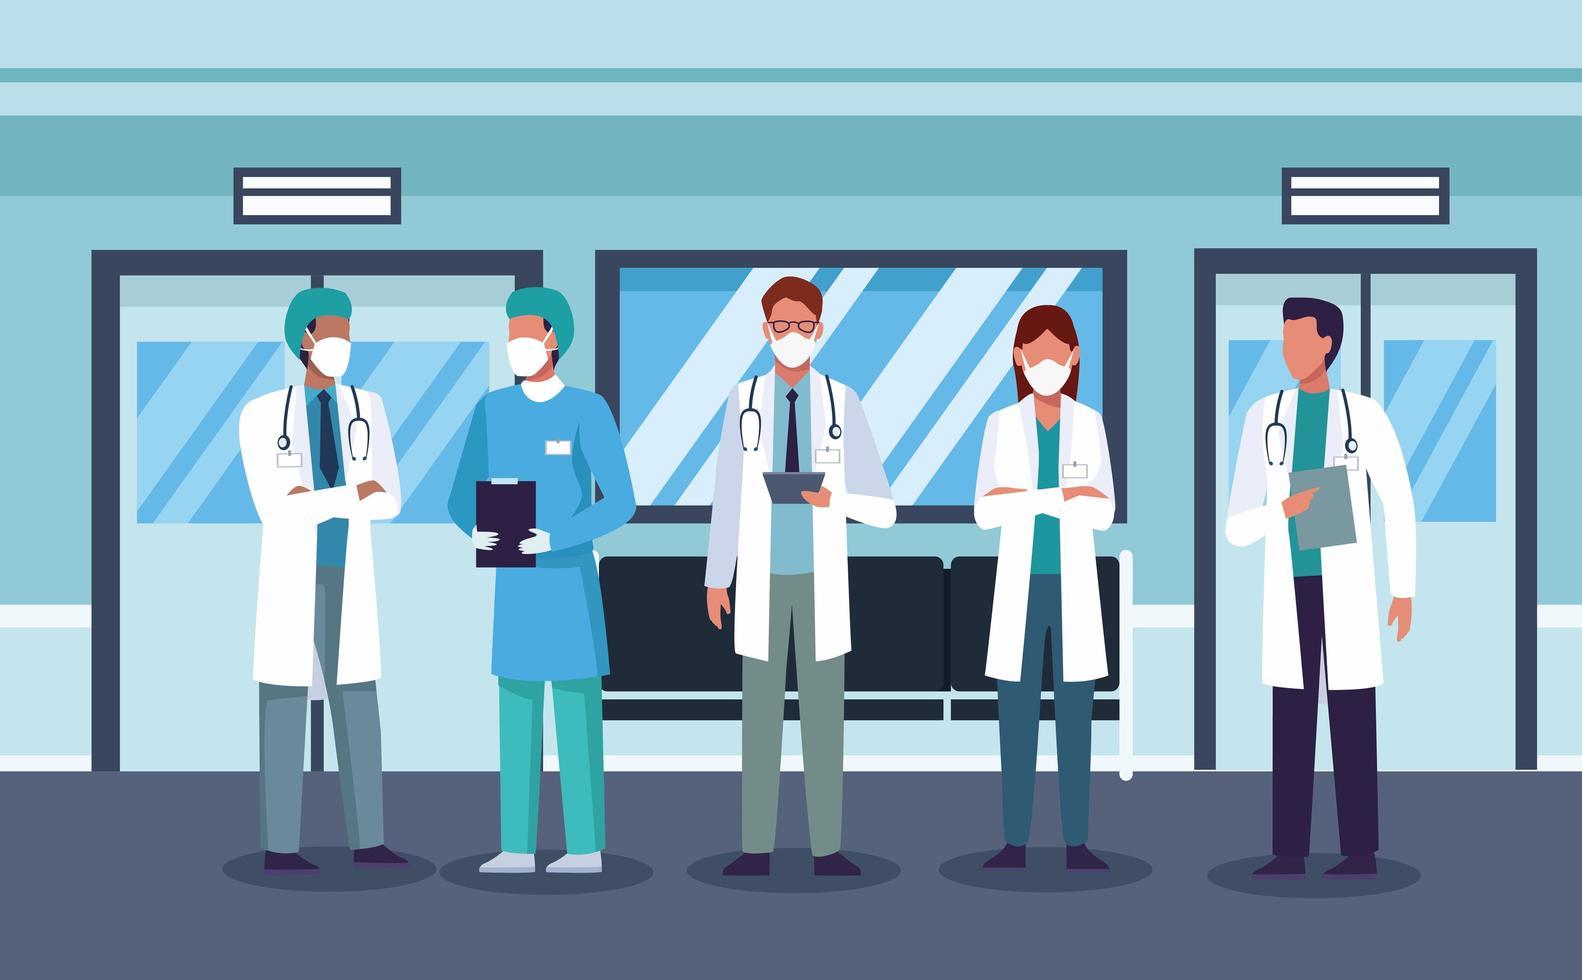 gruppo di medici mascherati, personale dell'ospedale vettore